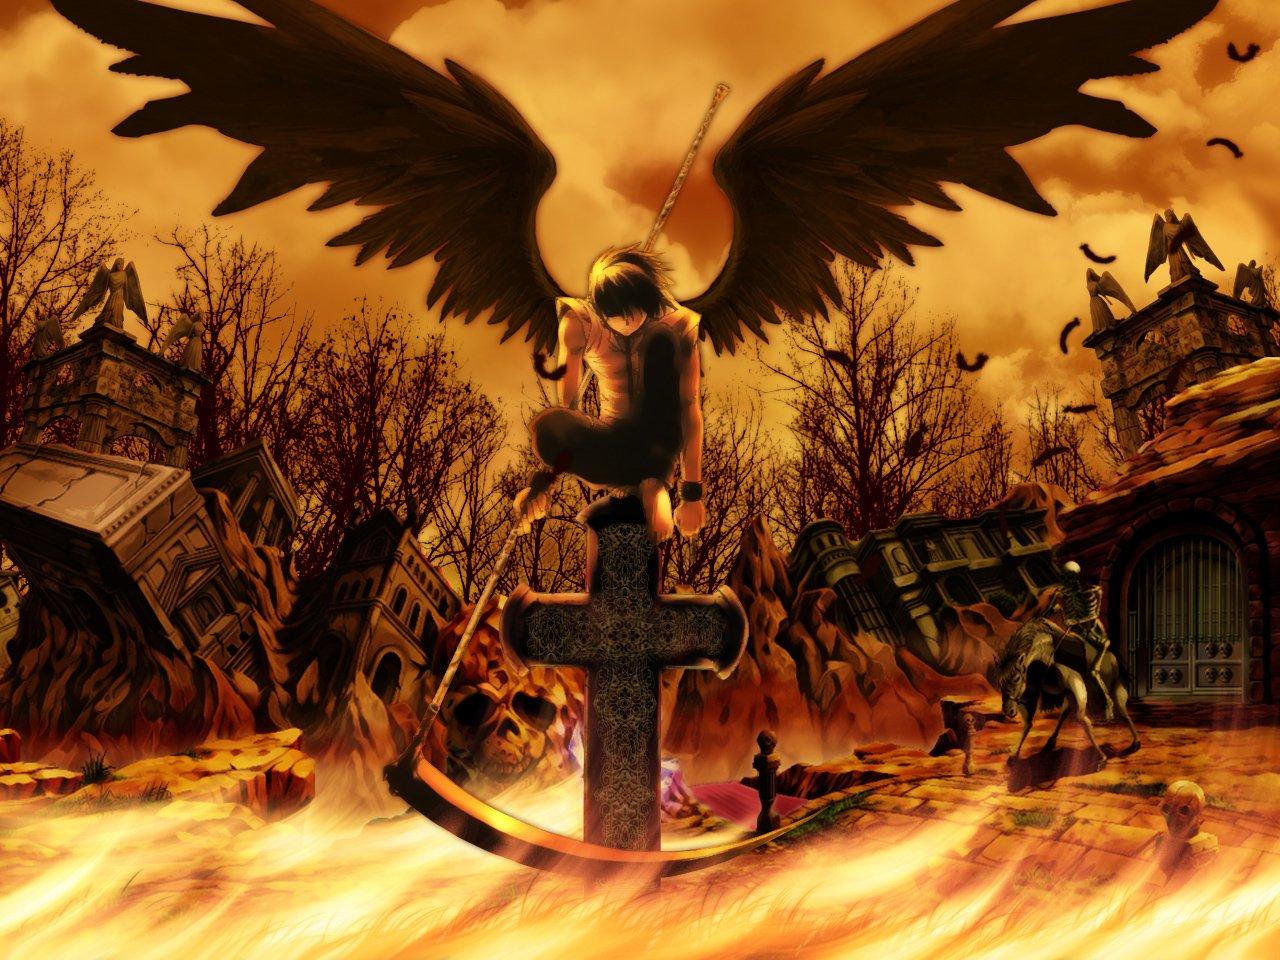 Anime - Death Note  Scythe Cross Black Angel Wallpaper